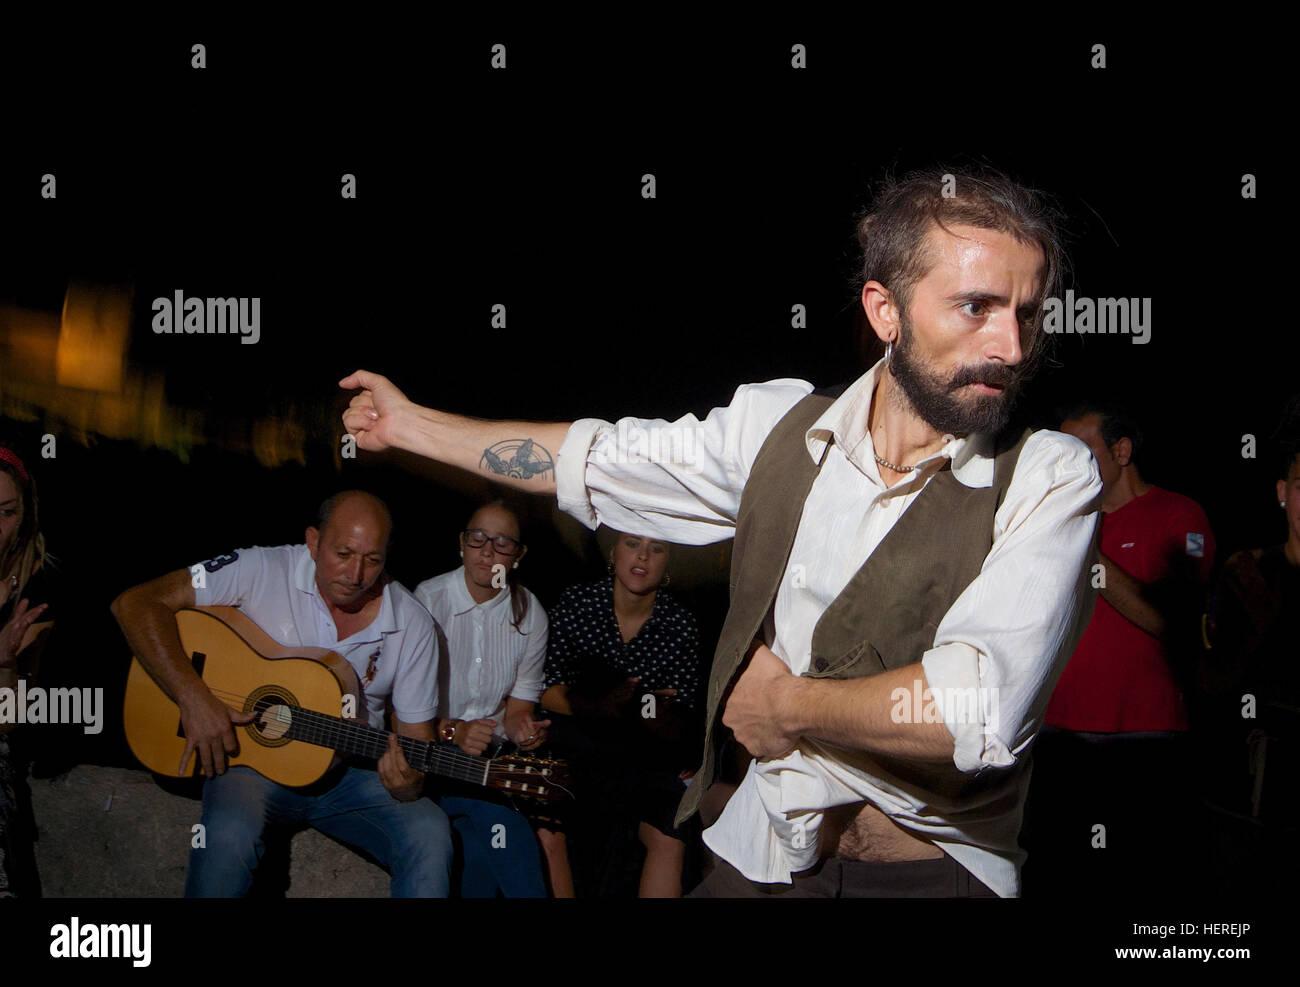 Male flamenco dancer, Granada - Stock Image